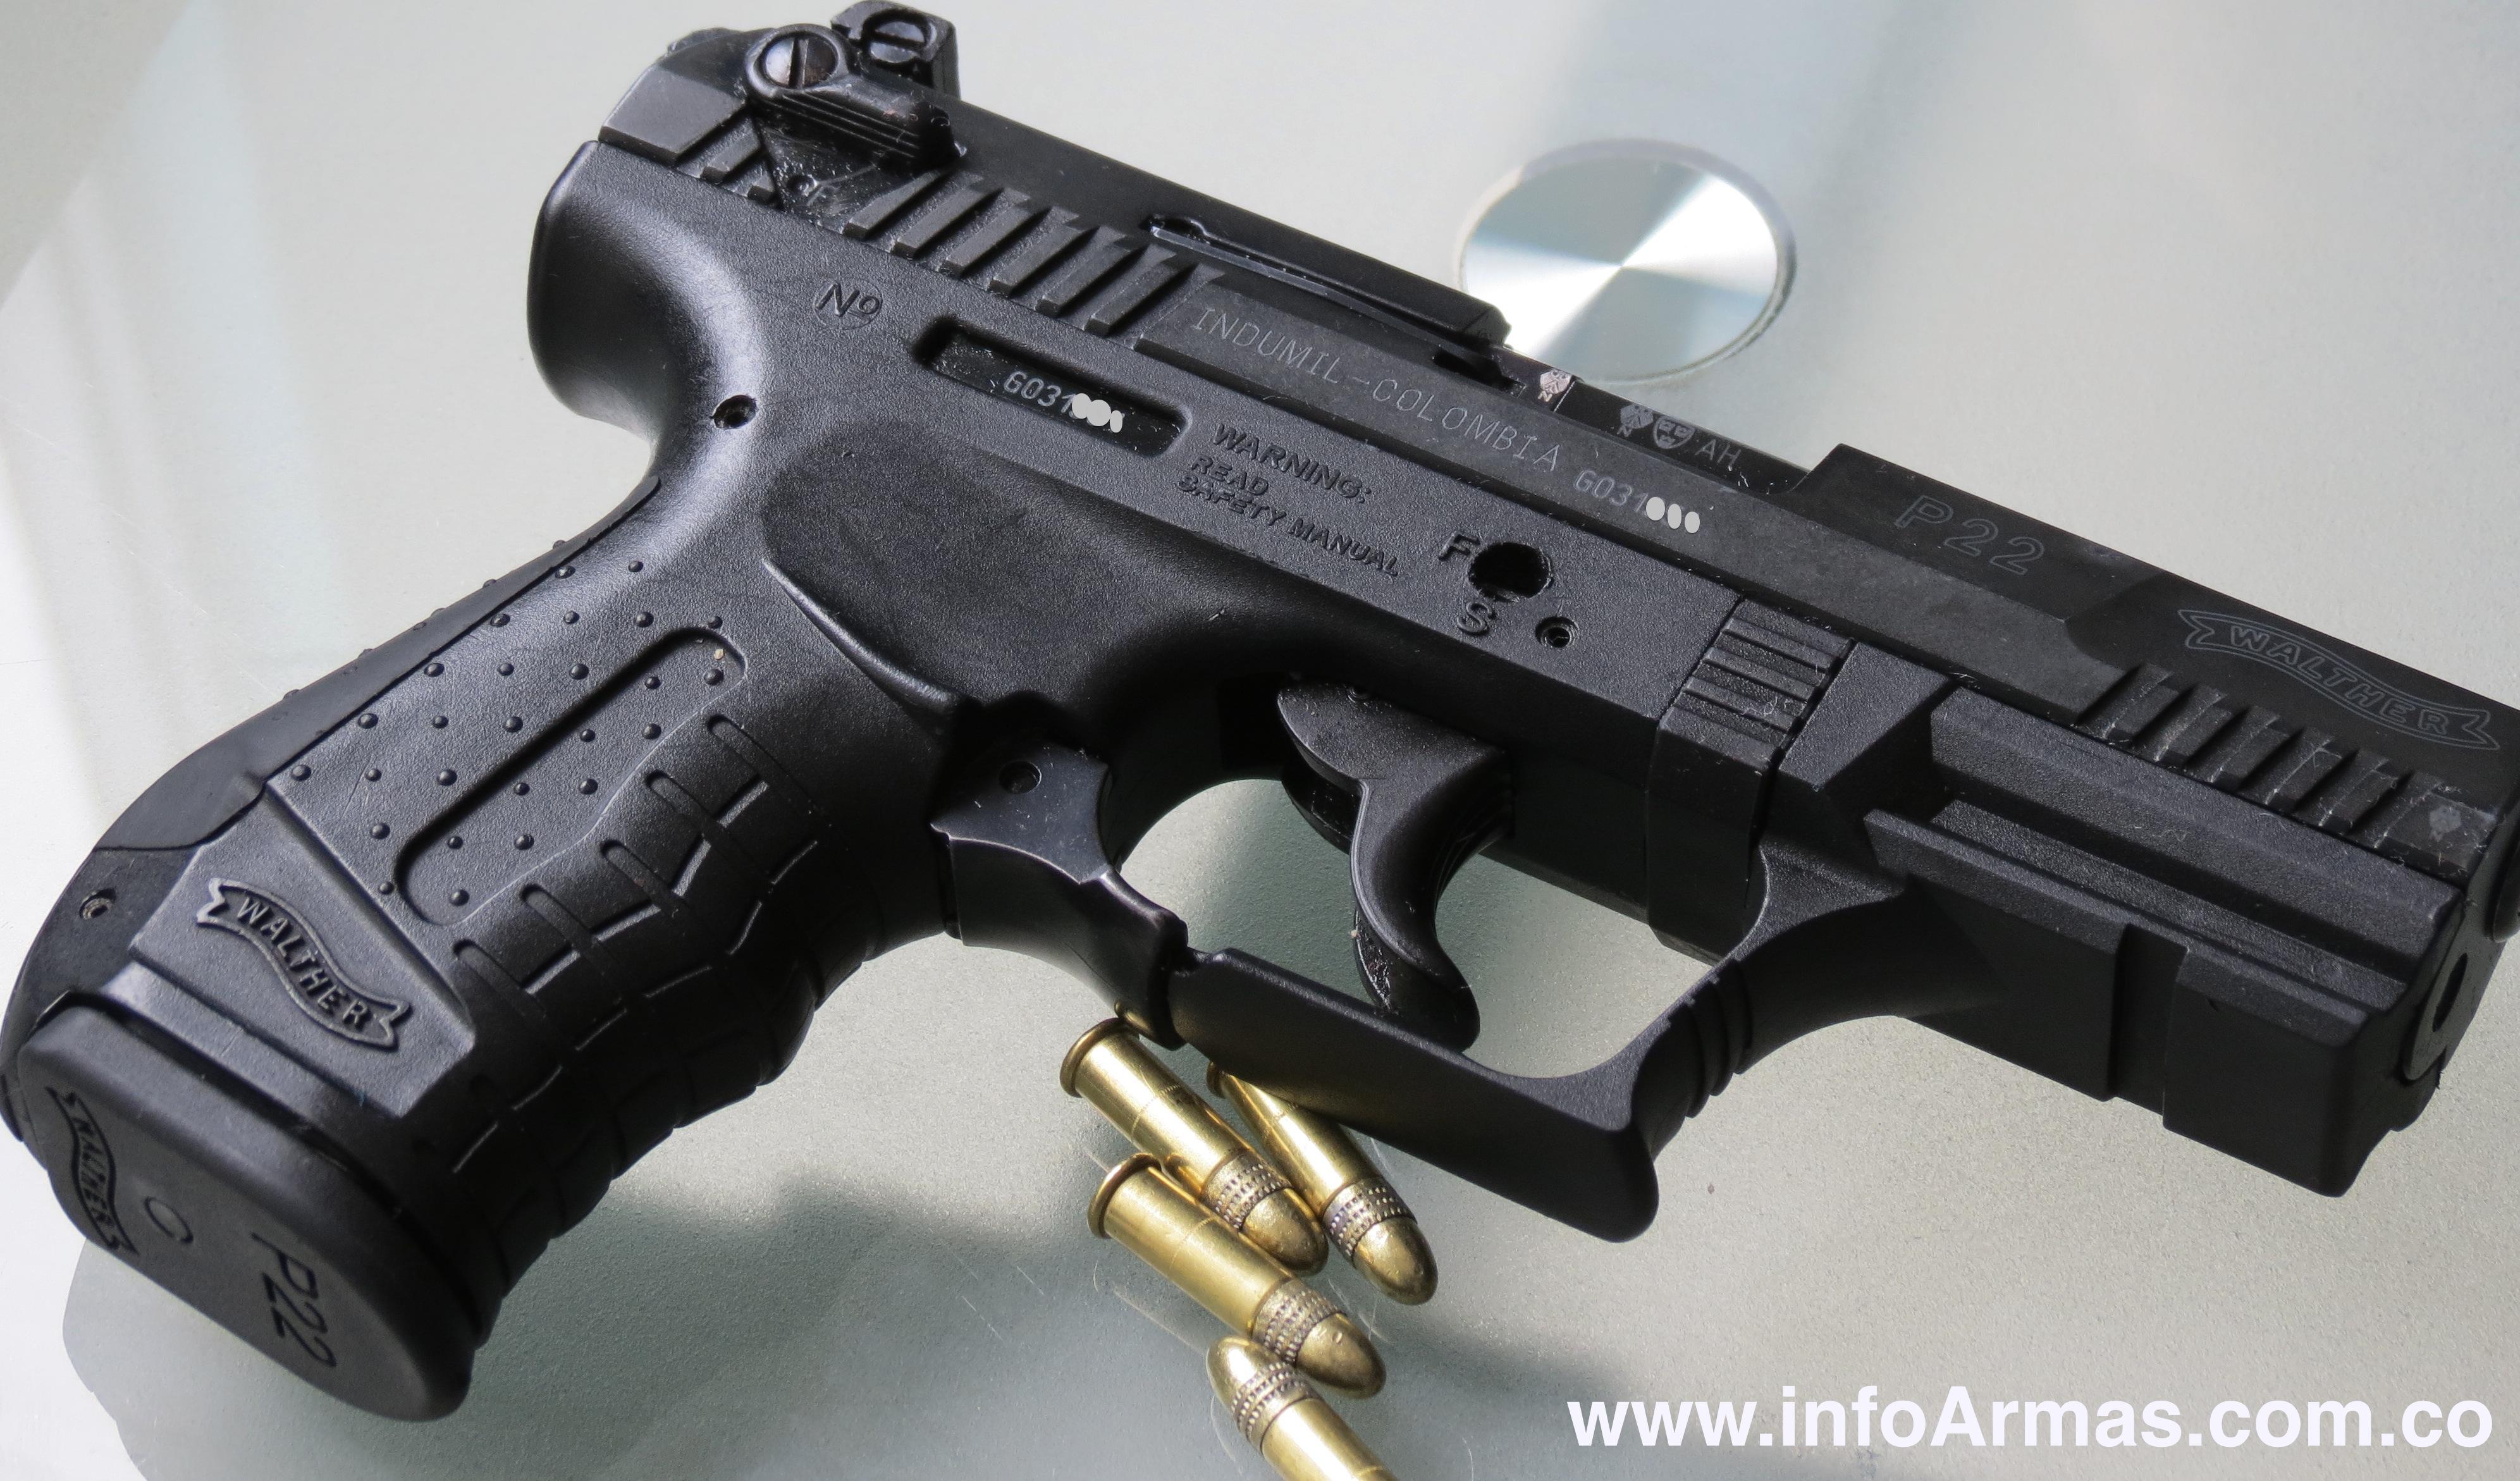 Pistola Walther P22 Calibre 22l Capacidad De Carga 10